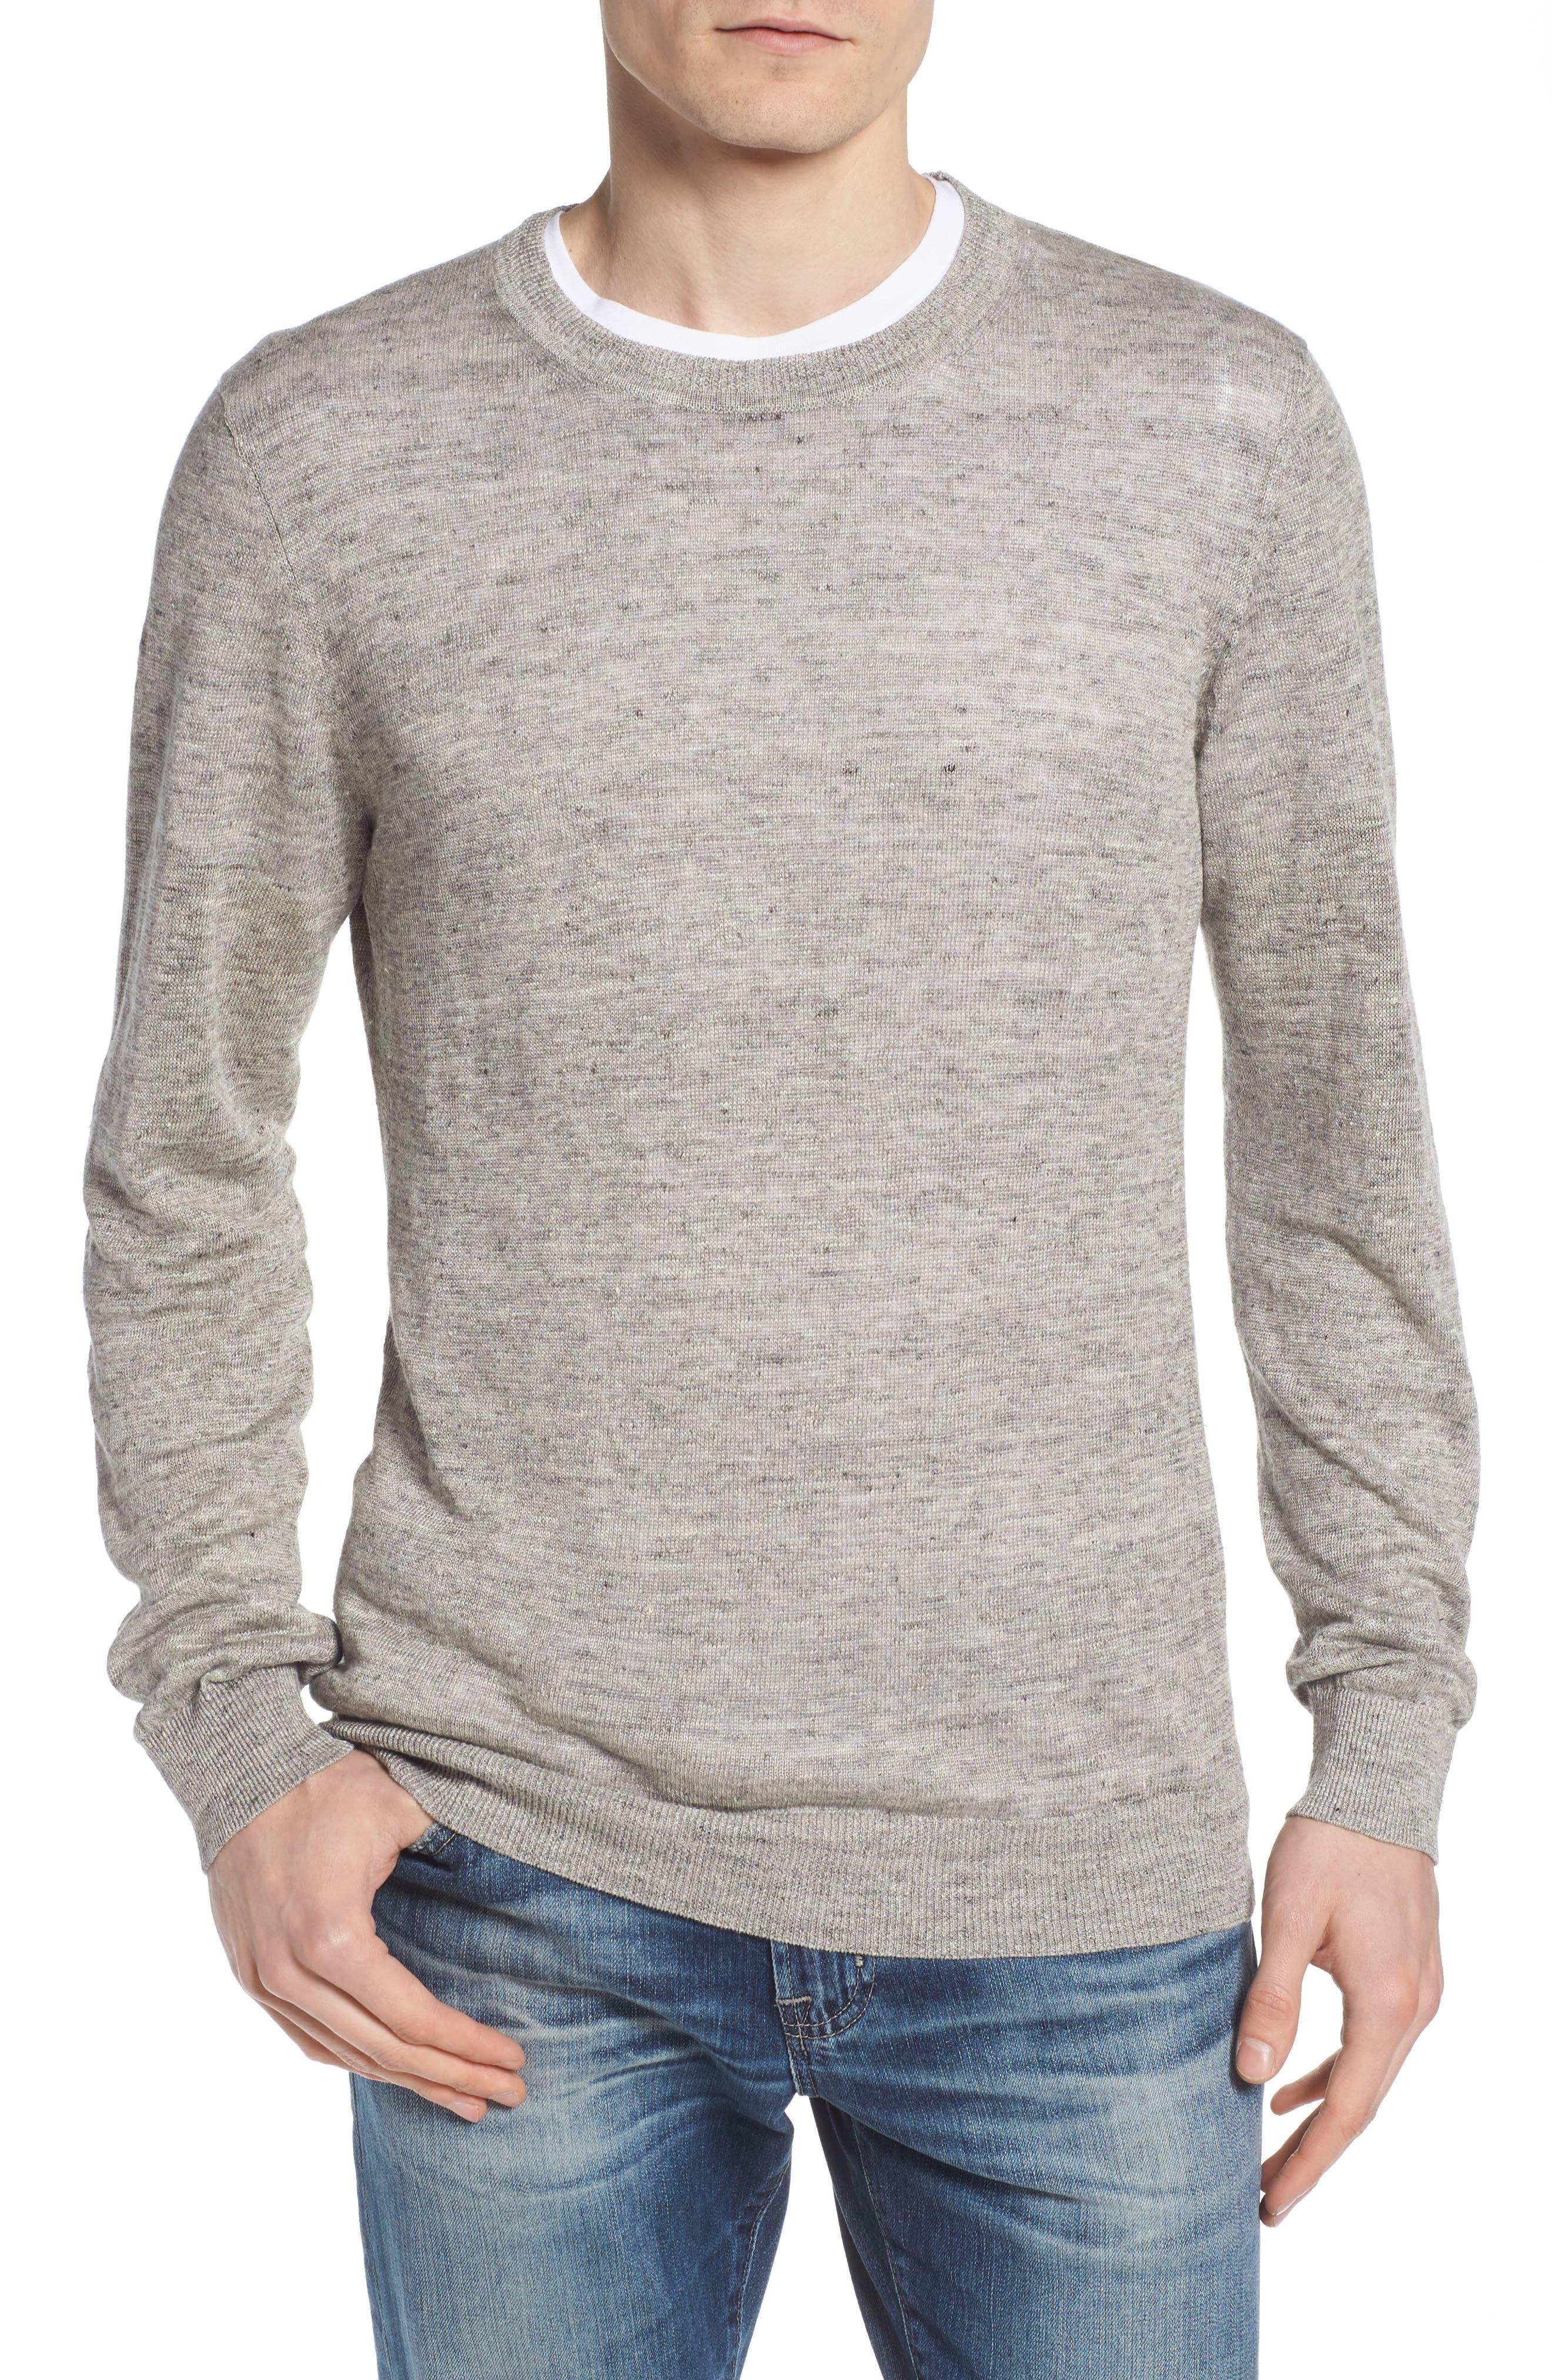 Heyward Long Sleeve T-Shirt,                         Main,                         color, Heather Grey